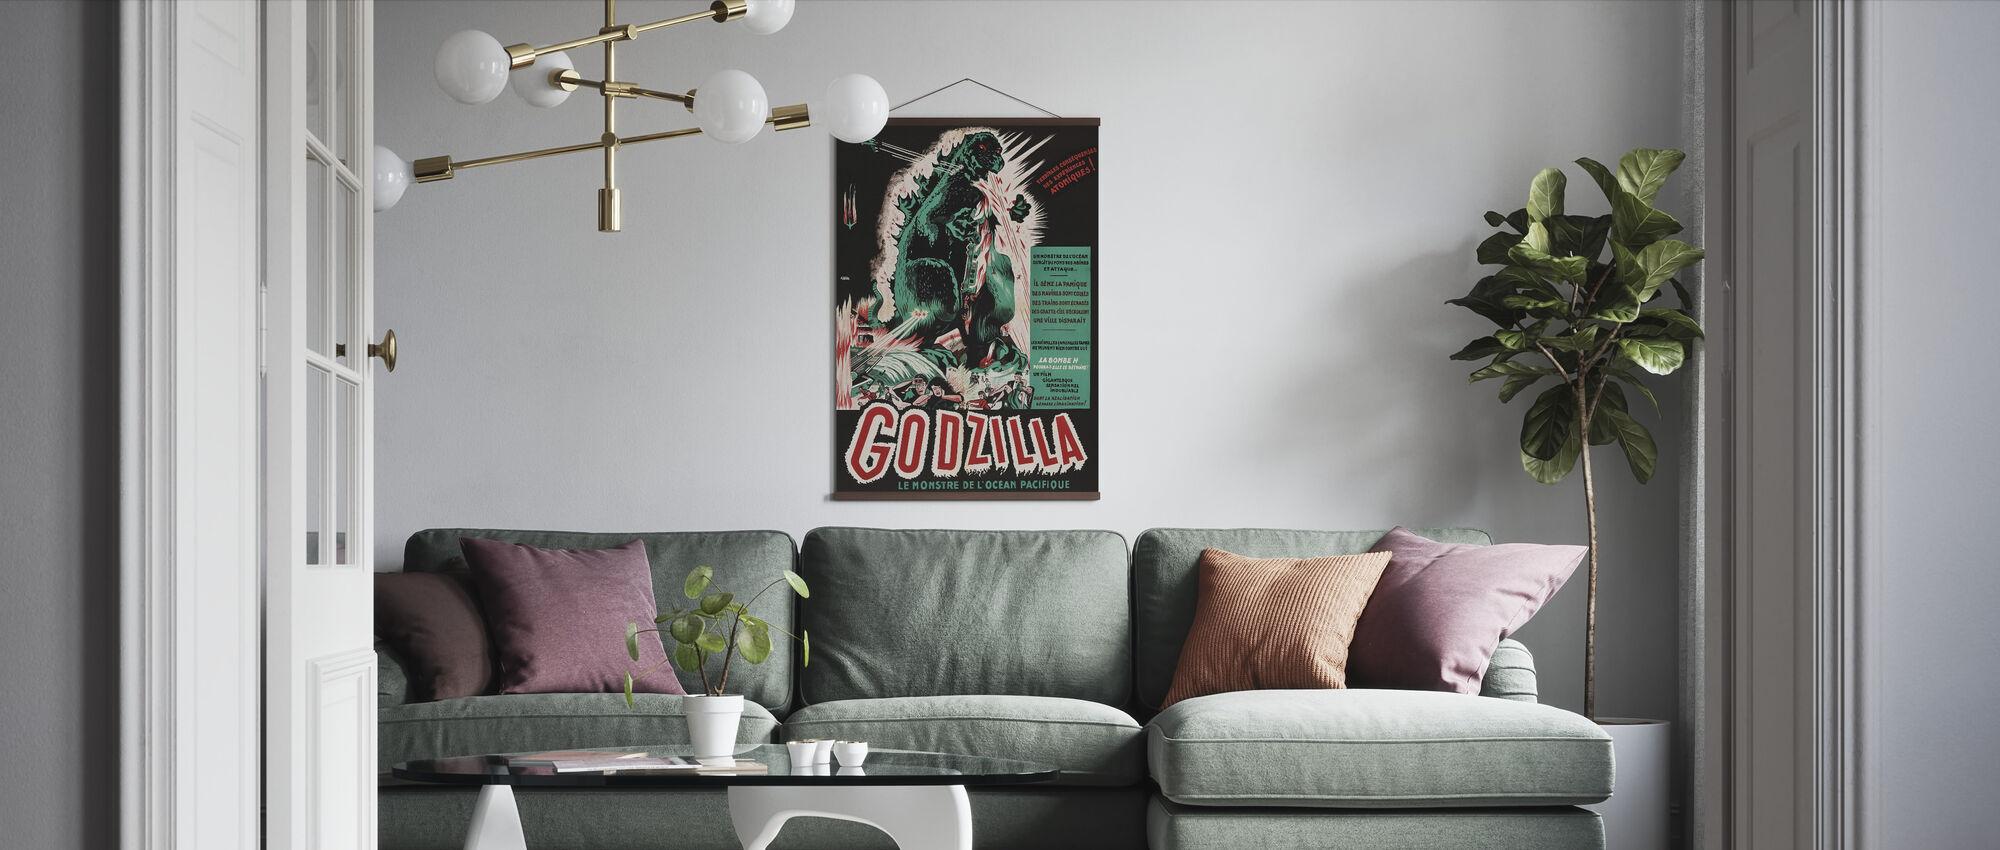 Godzilla - Poster - Living Room